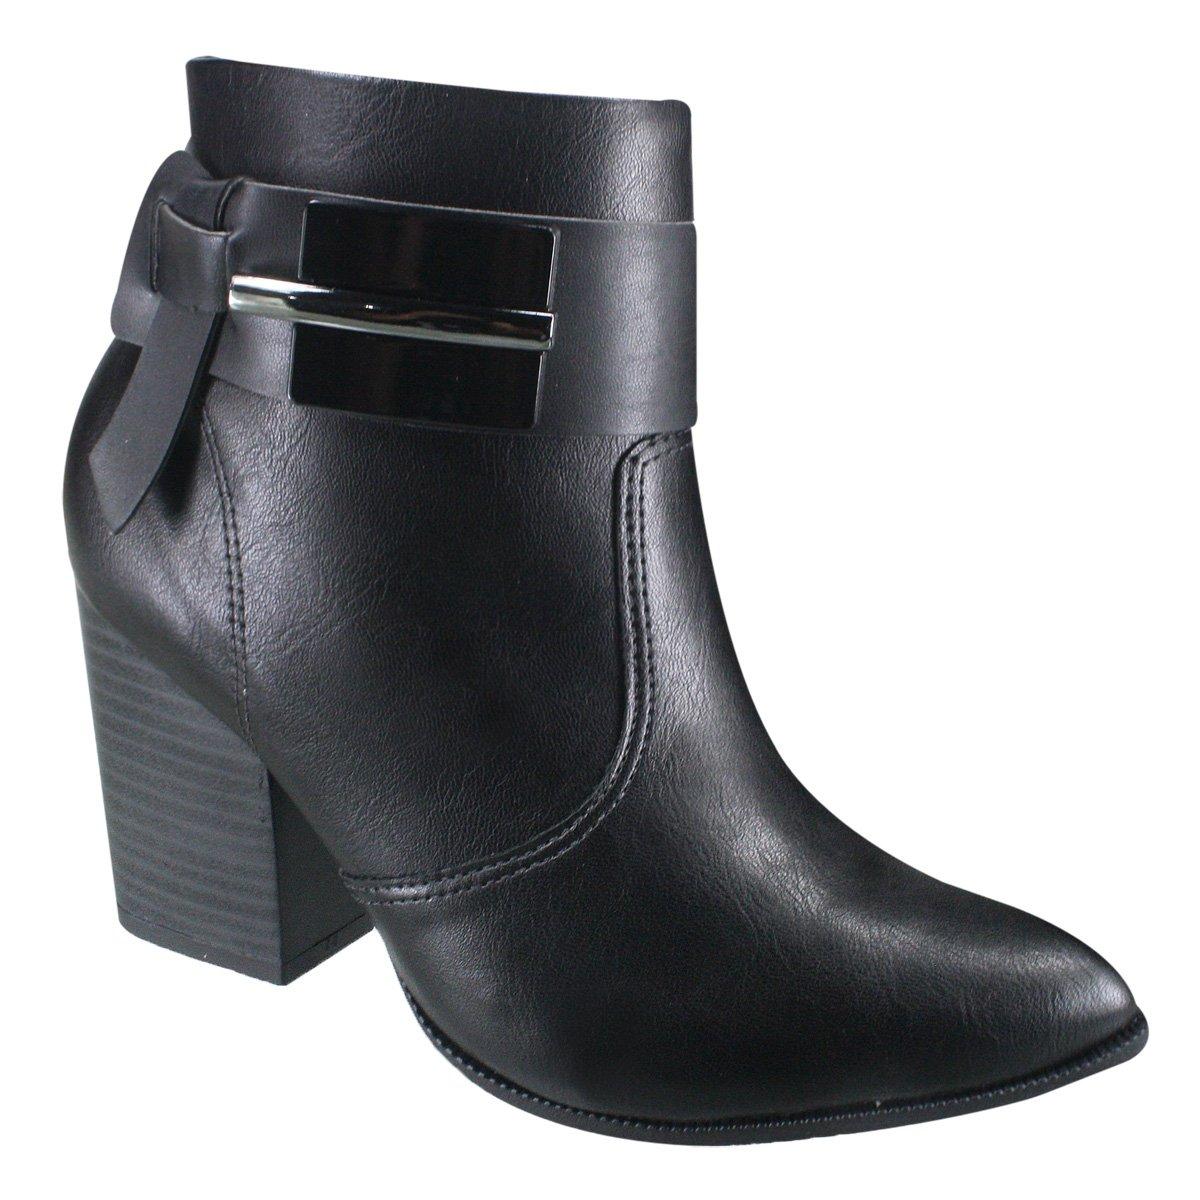 1d0dc4464 Amplie a imagem. Bota Ramarim Total Comfort Ankle Boot Feminina; Bota  Ramarim Total Comfort Ankle Boot Feminina ...